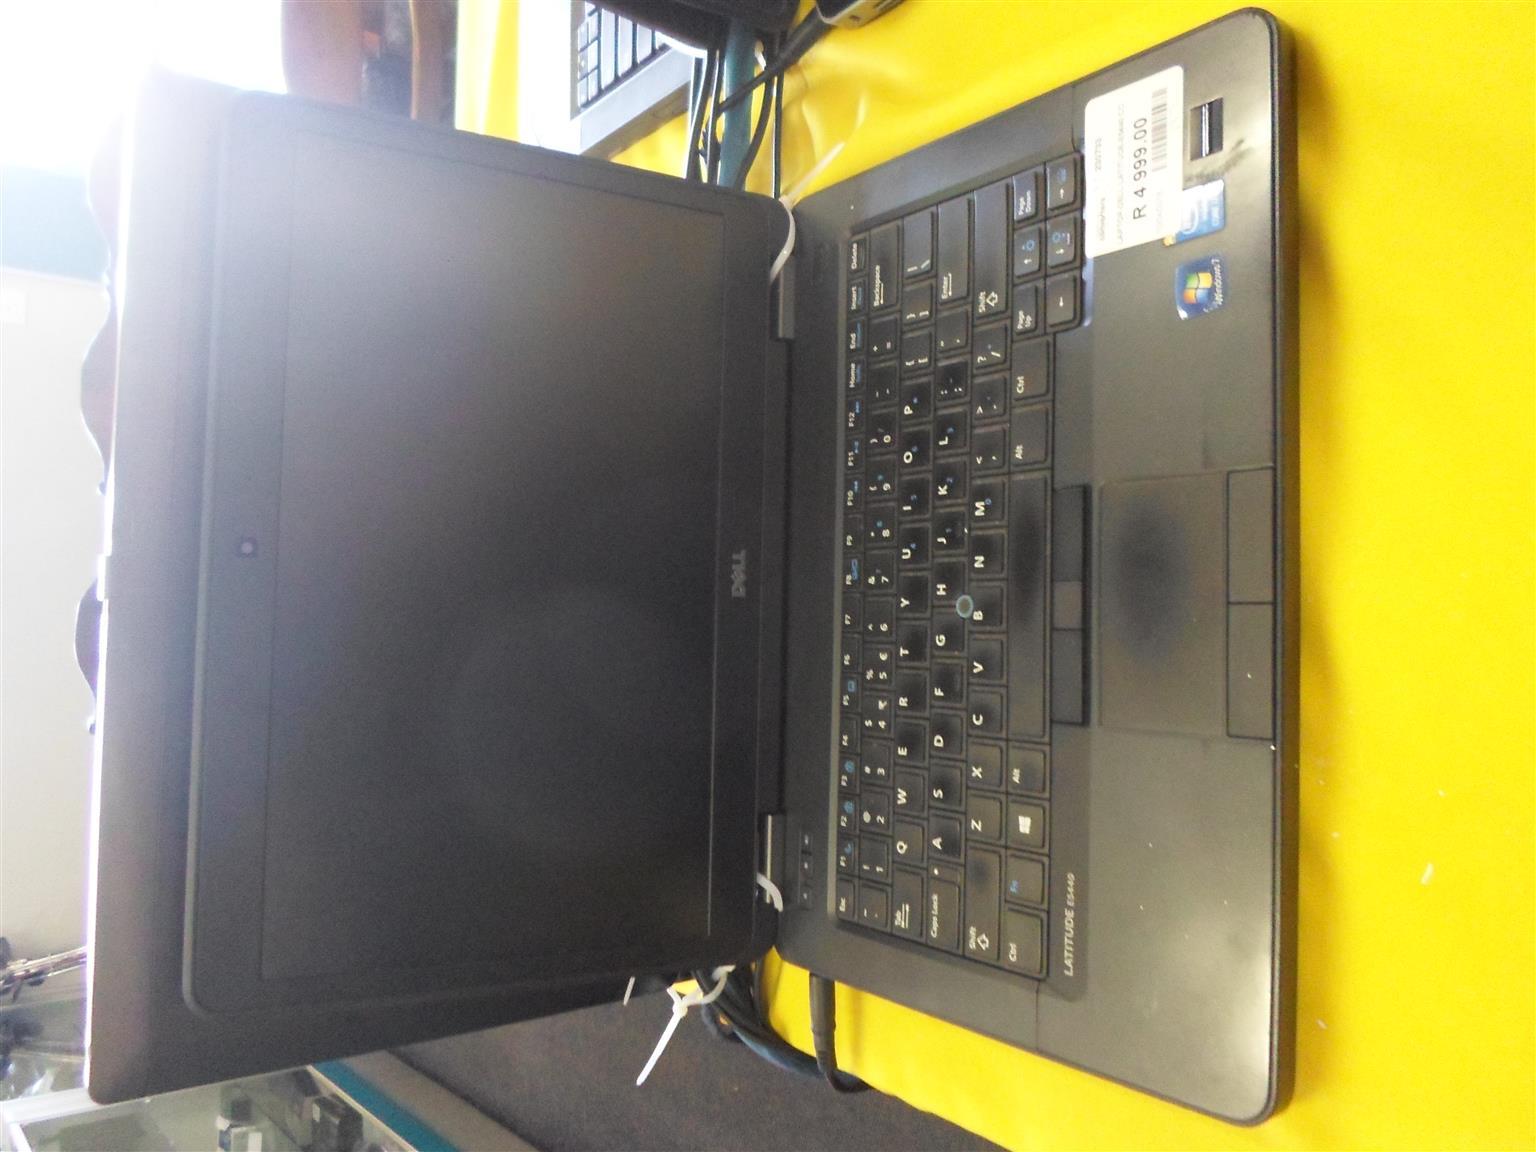 i7 Dell Laptop